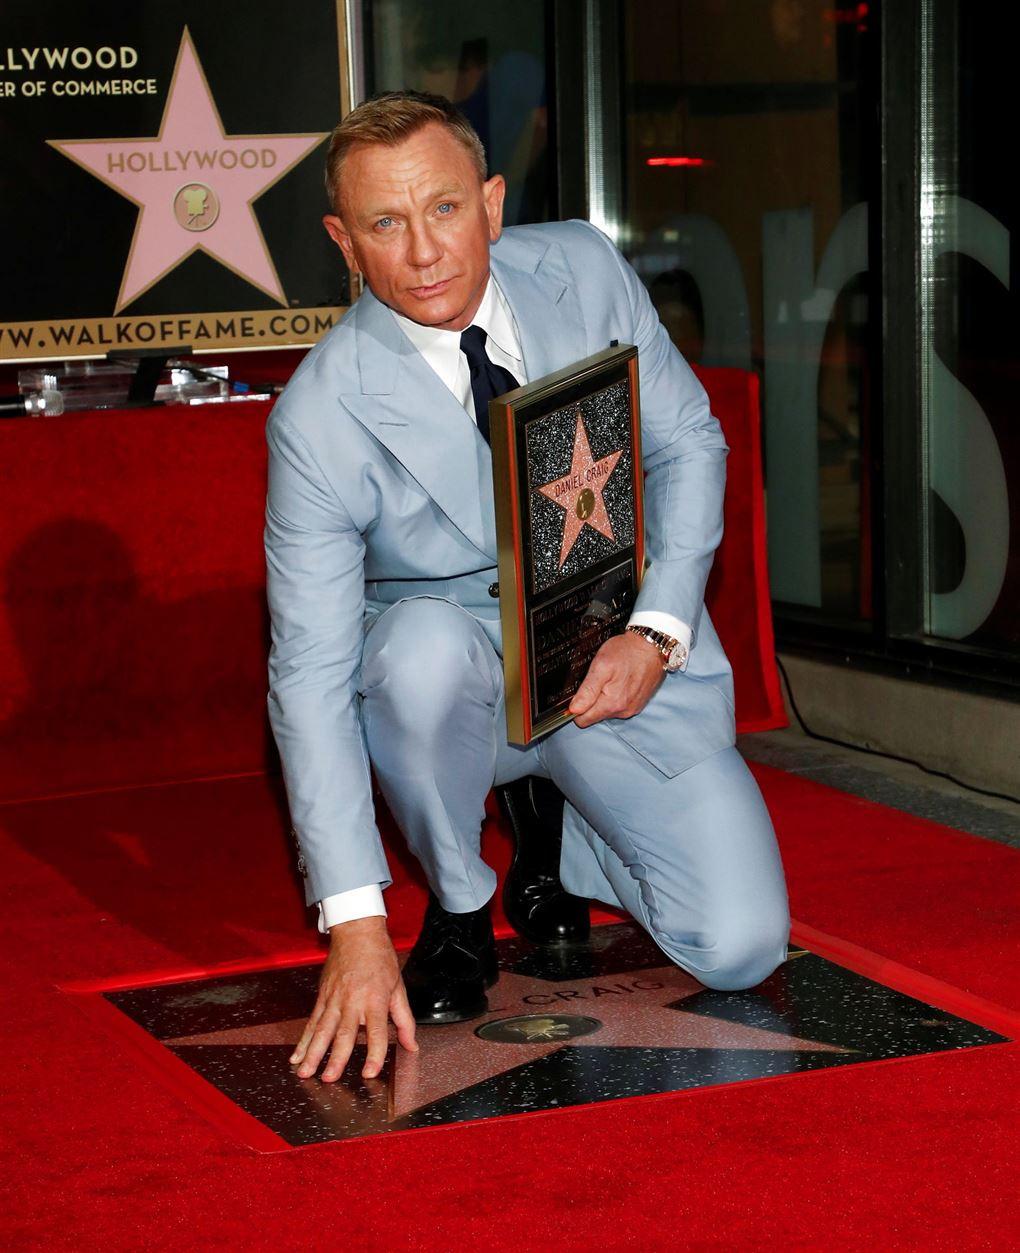 En mand i lyseblåt jakkesæt med en stjerne skilt i hånden